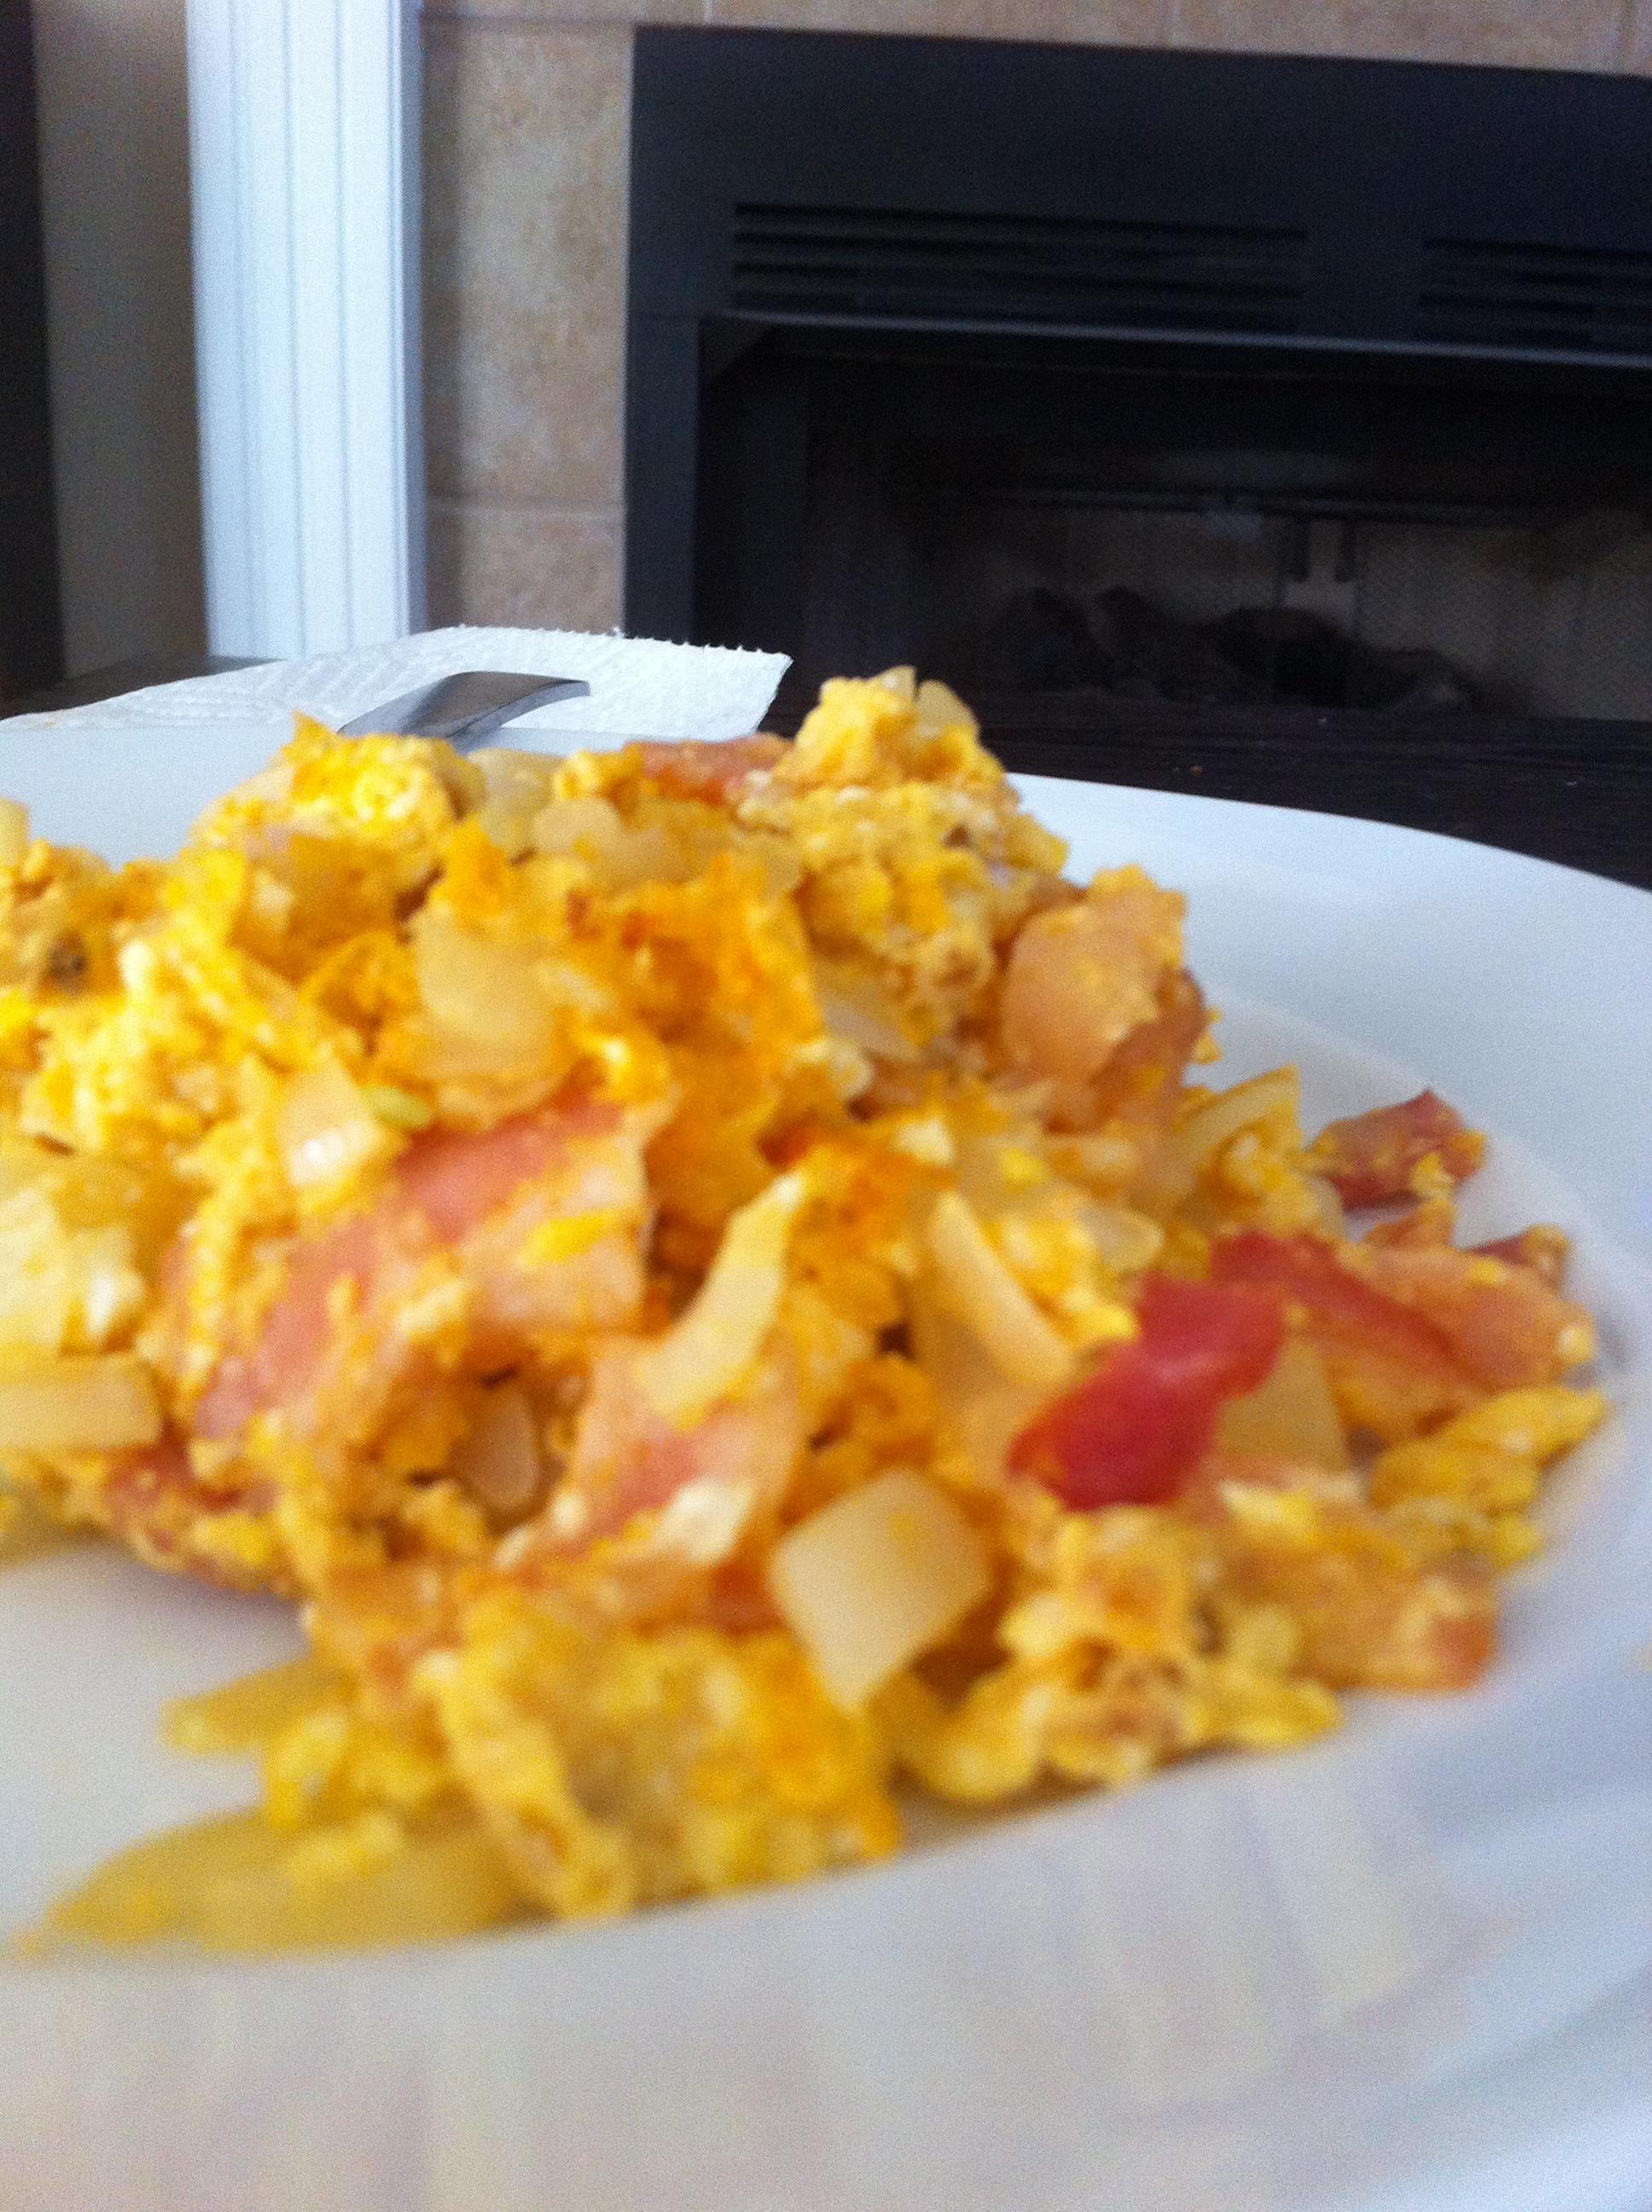 Best Breakfast (other than migas) by Aurora Meyer on aurorameyer.com